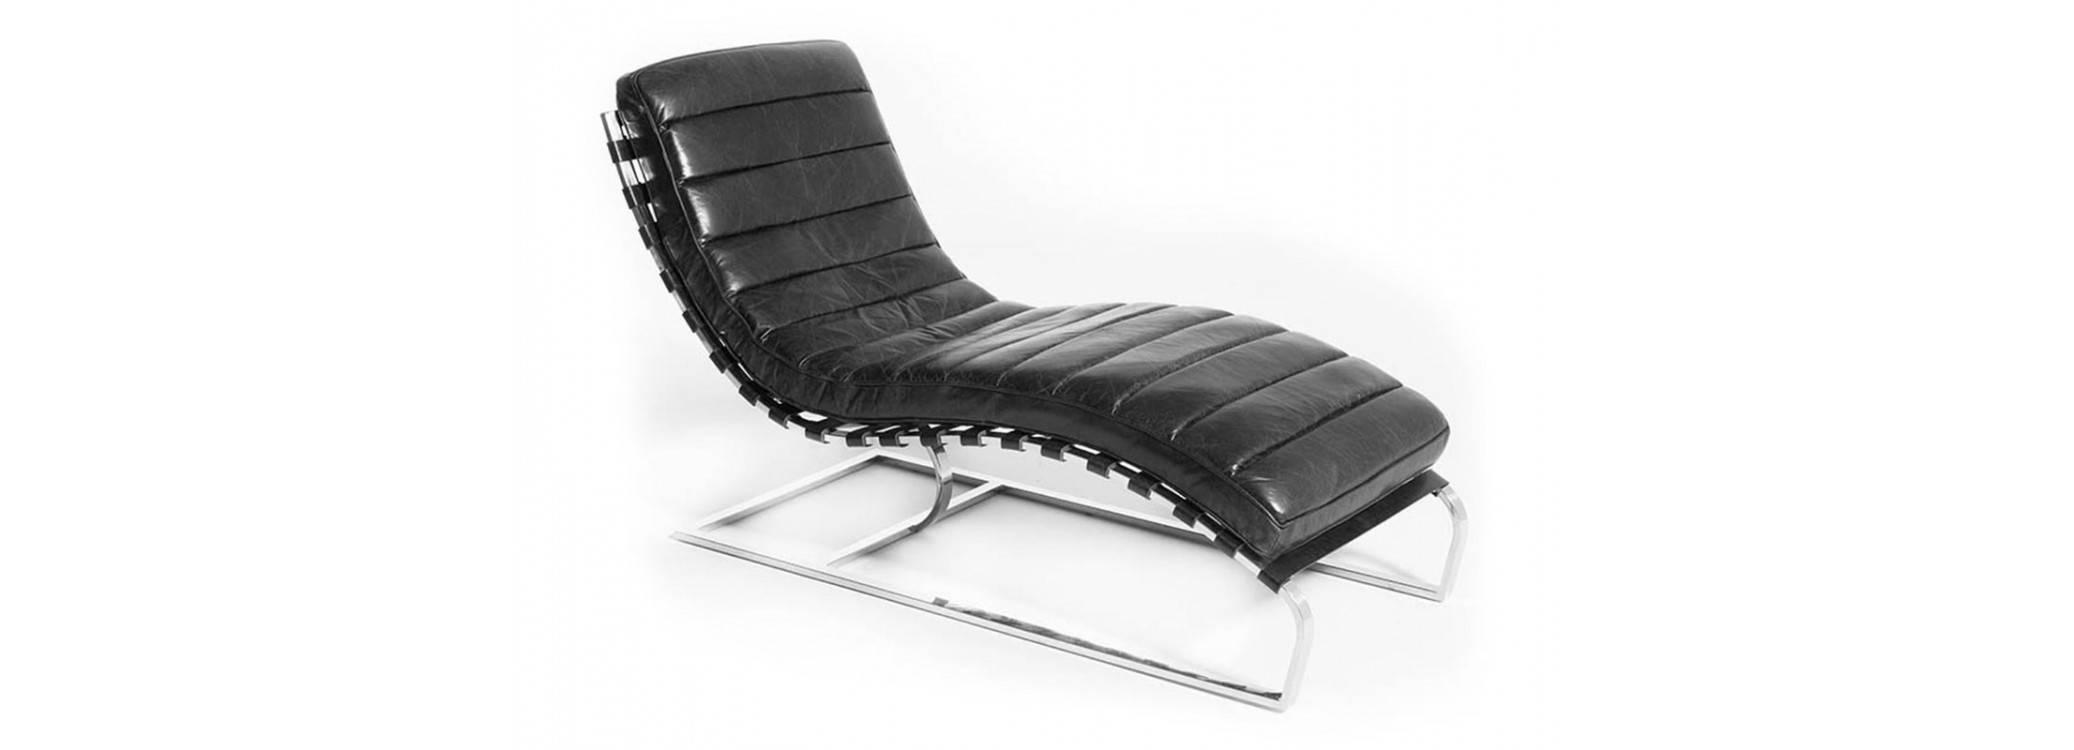 Chaise longue / Méridienne Lounge cuir noir